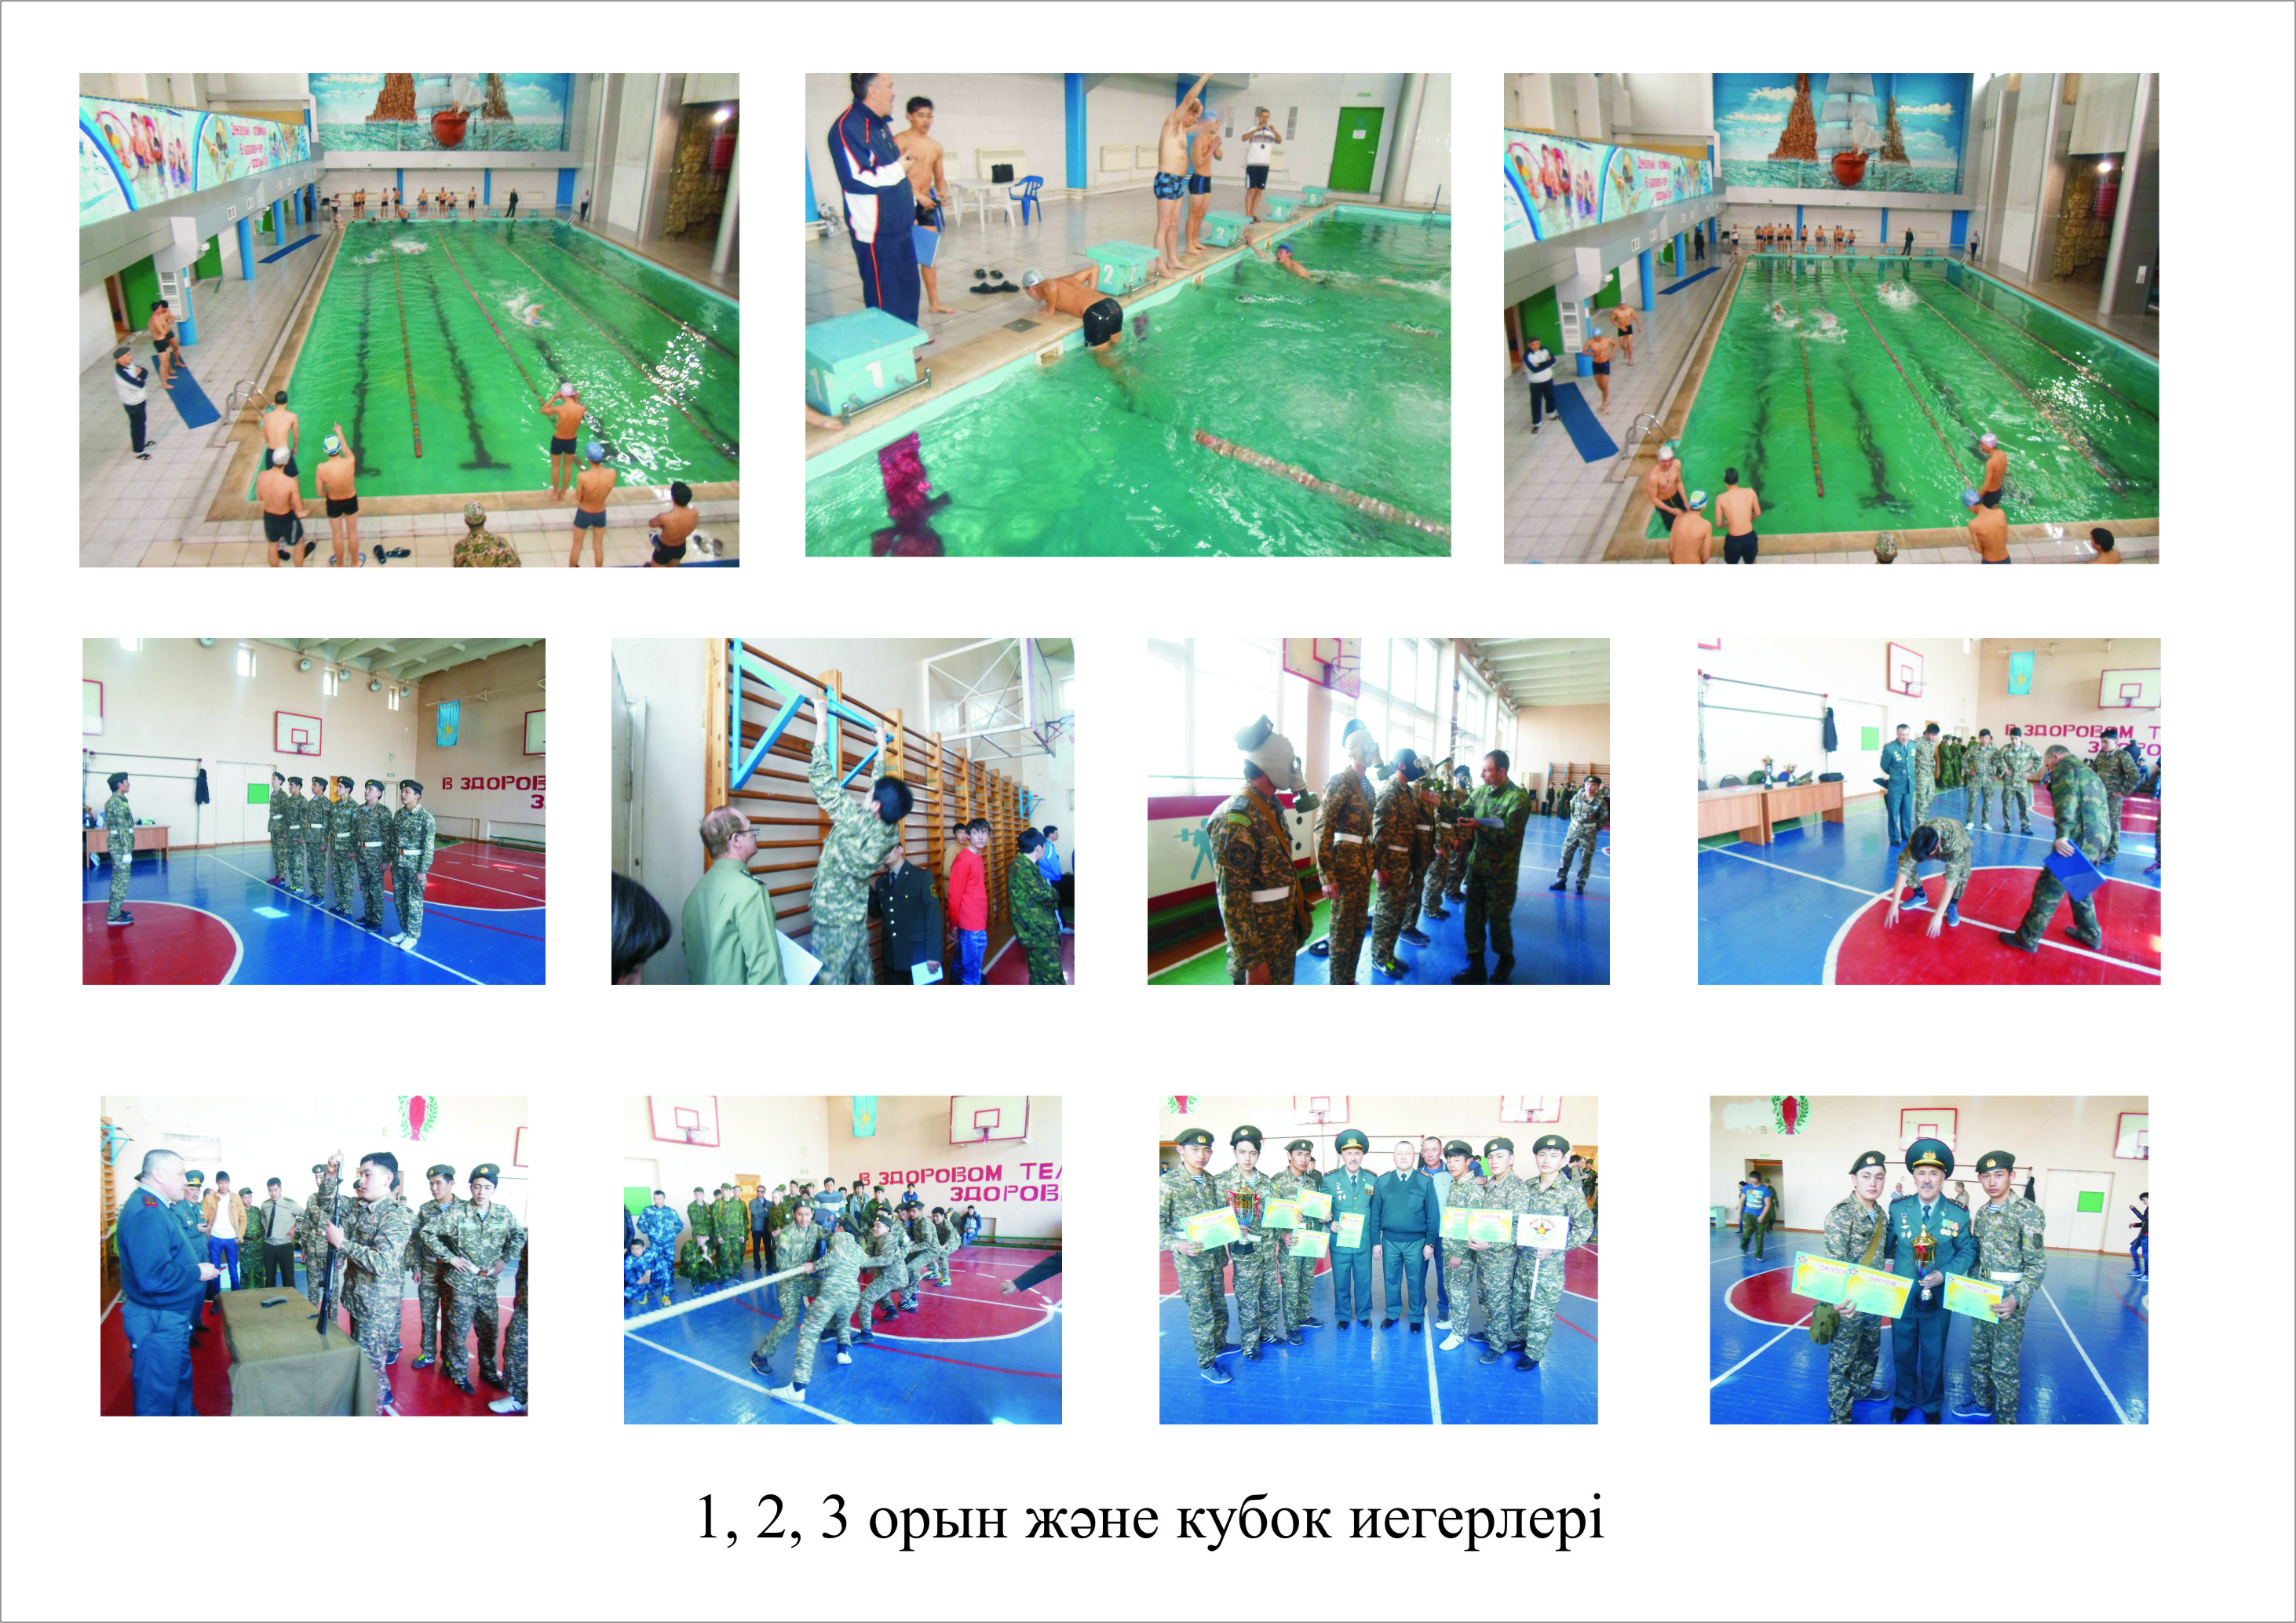 G:\картинки для слайда\9.jpg